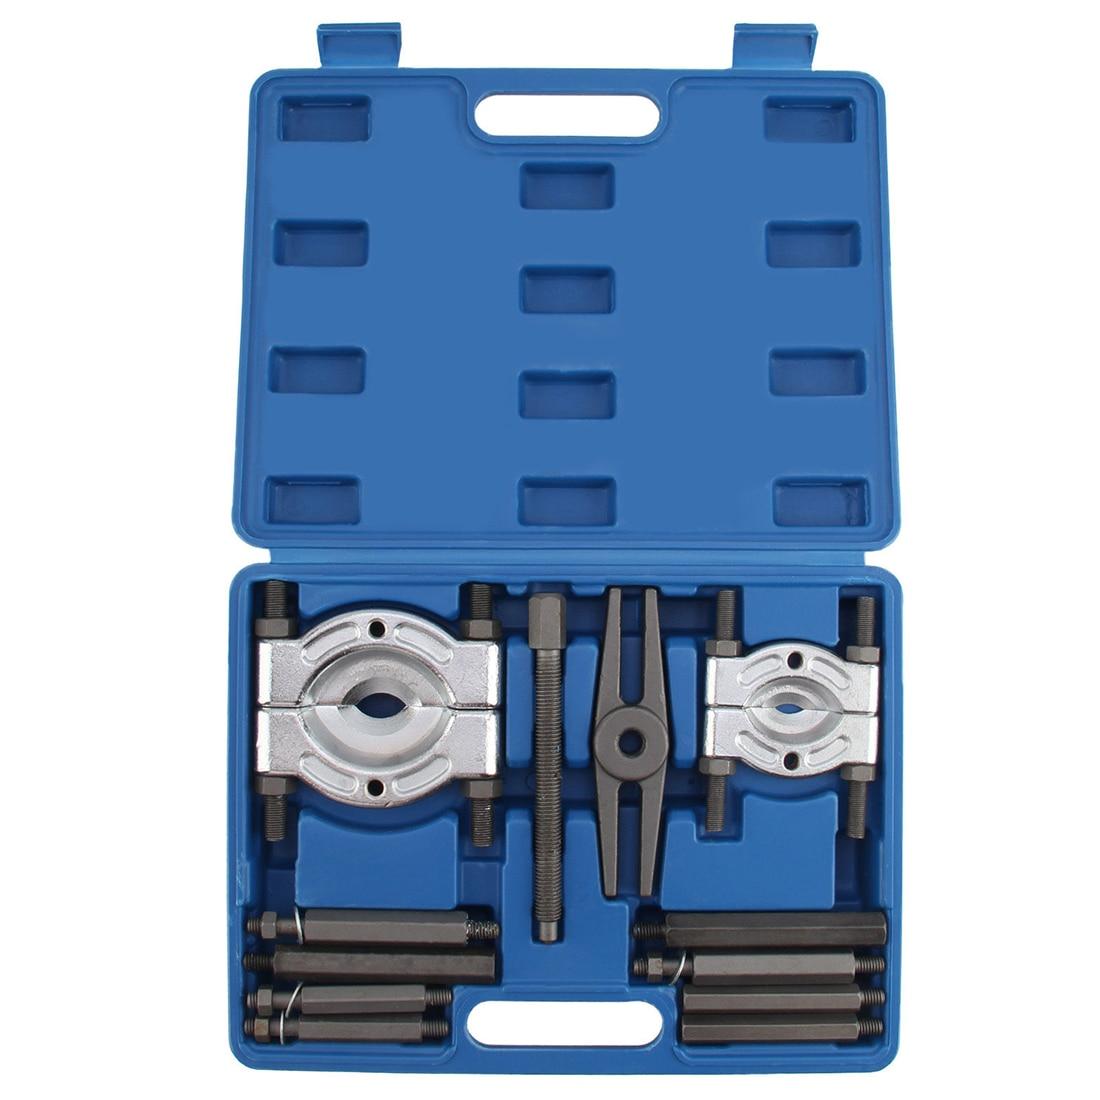 Ensemble de séparateur de roue de mouche d'extracteur de vitesse de diviseur de roulement 12 pièces avec le Garage d'outil de boîte